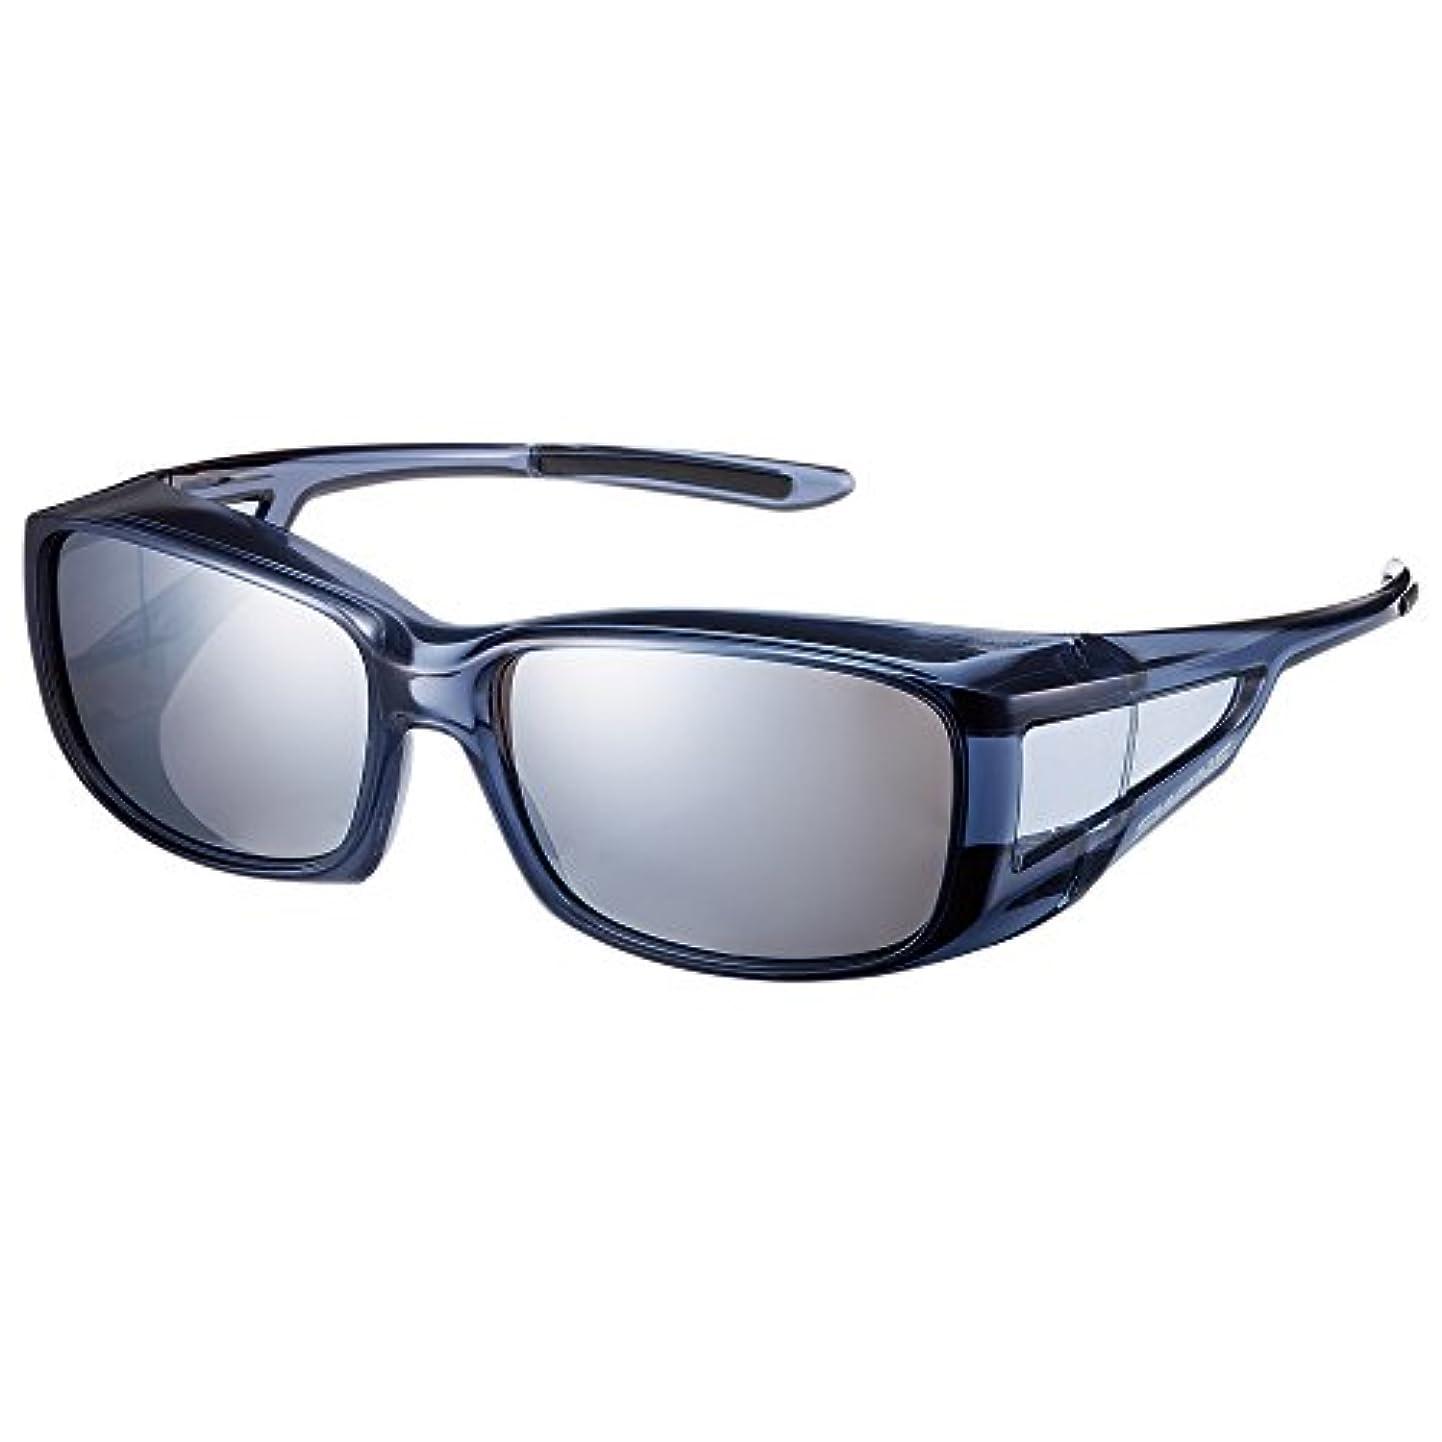 王子大使館豊富な【SWANS/スワンズ】OG-4 偏光レンズ×ミラーレンズ オーバーグラス サングラス 偏光サングラス 偏光ミラーレンズ スポーツサングラス オーバーグラスシリーズ